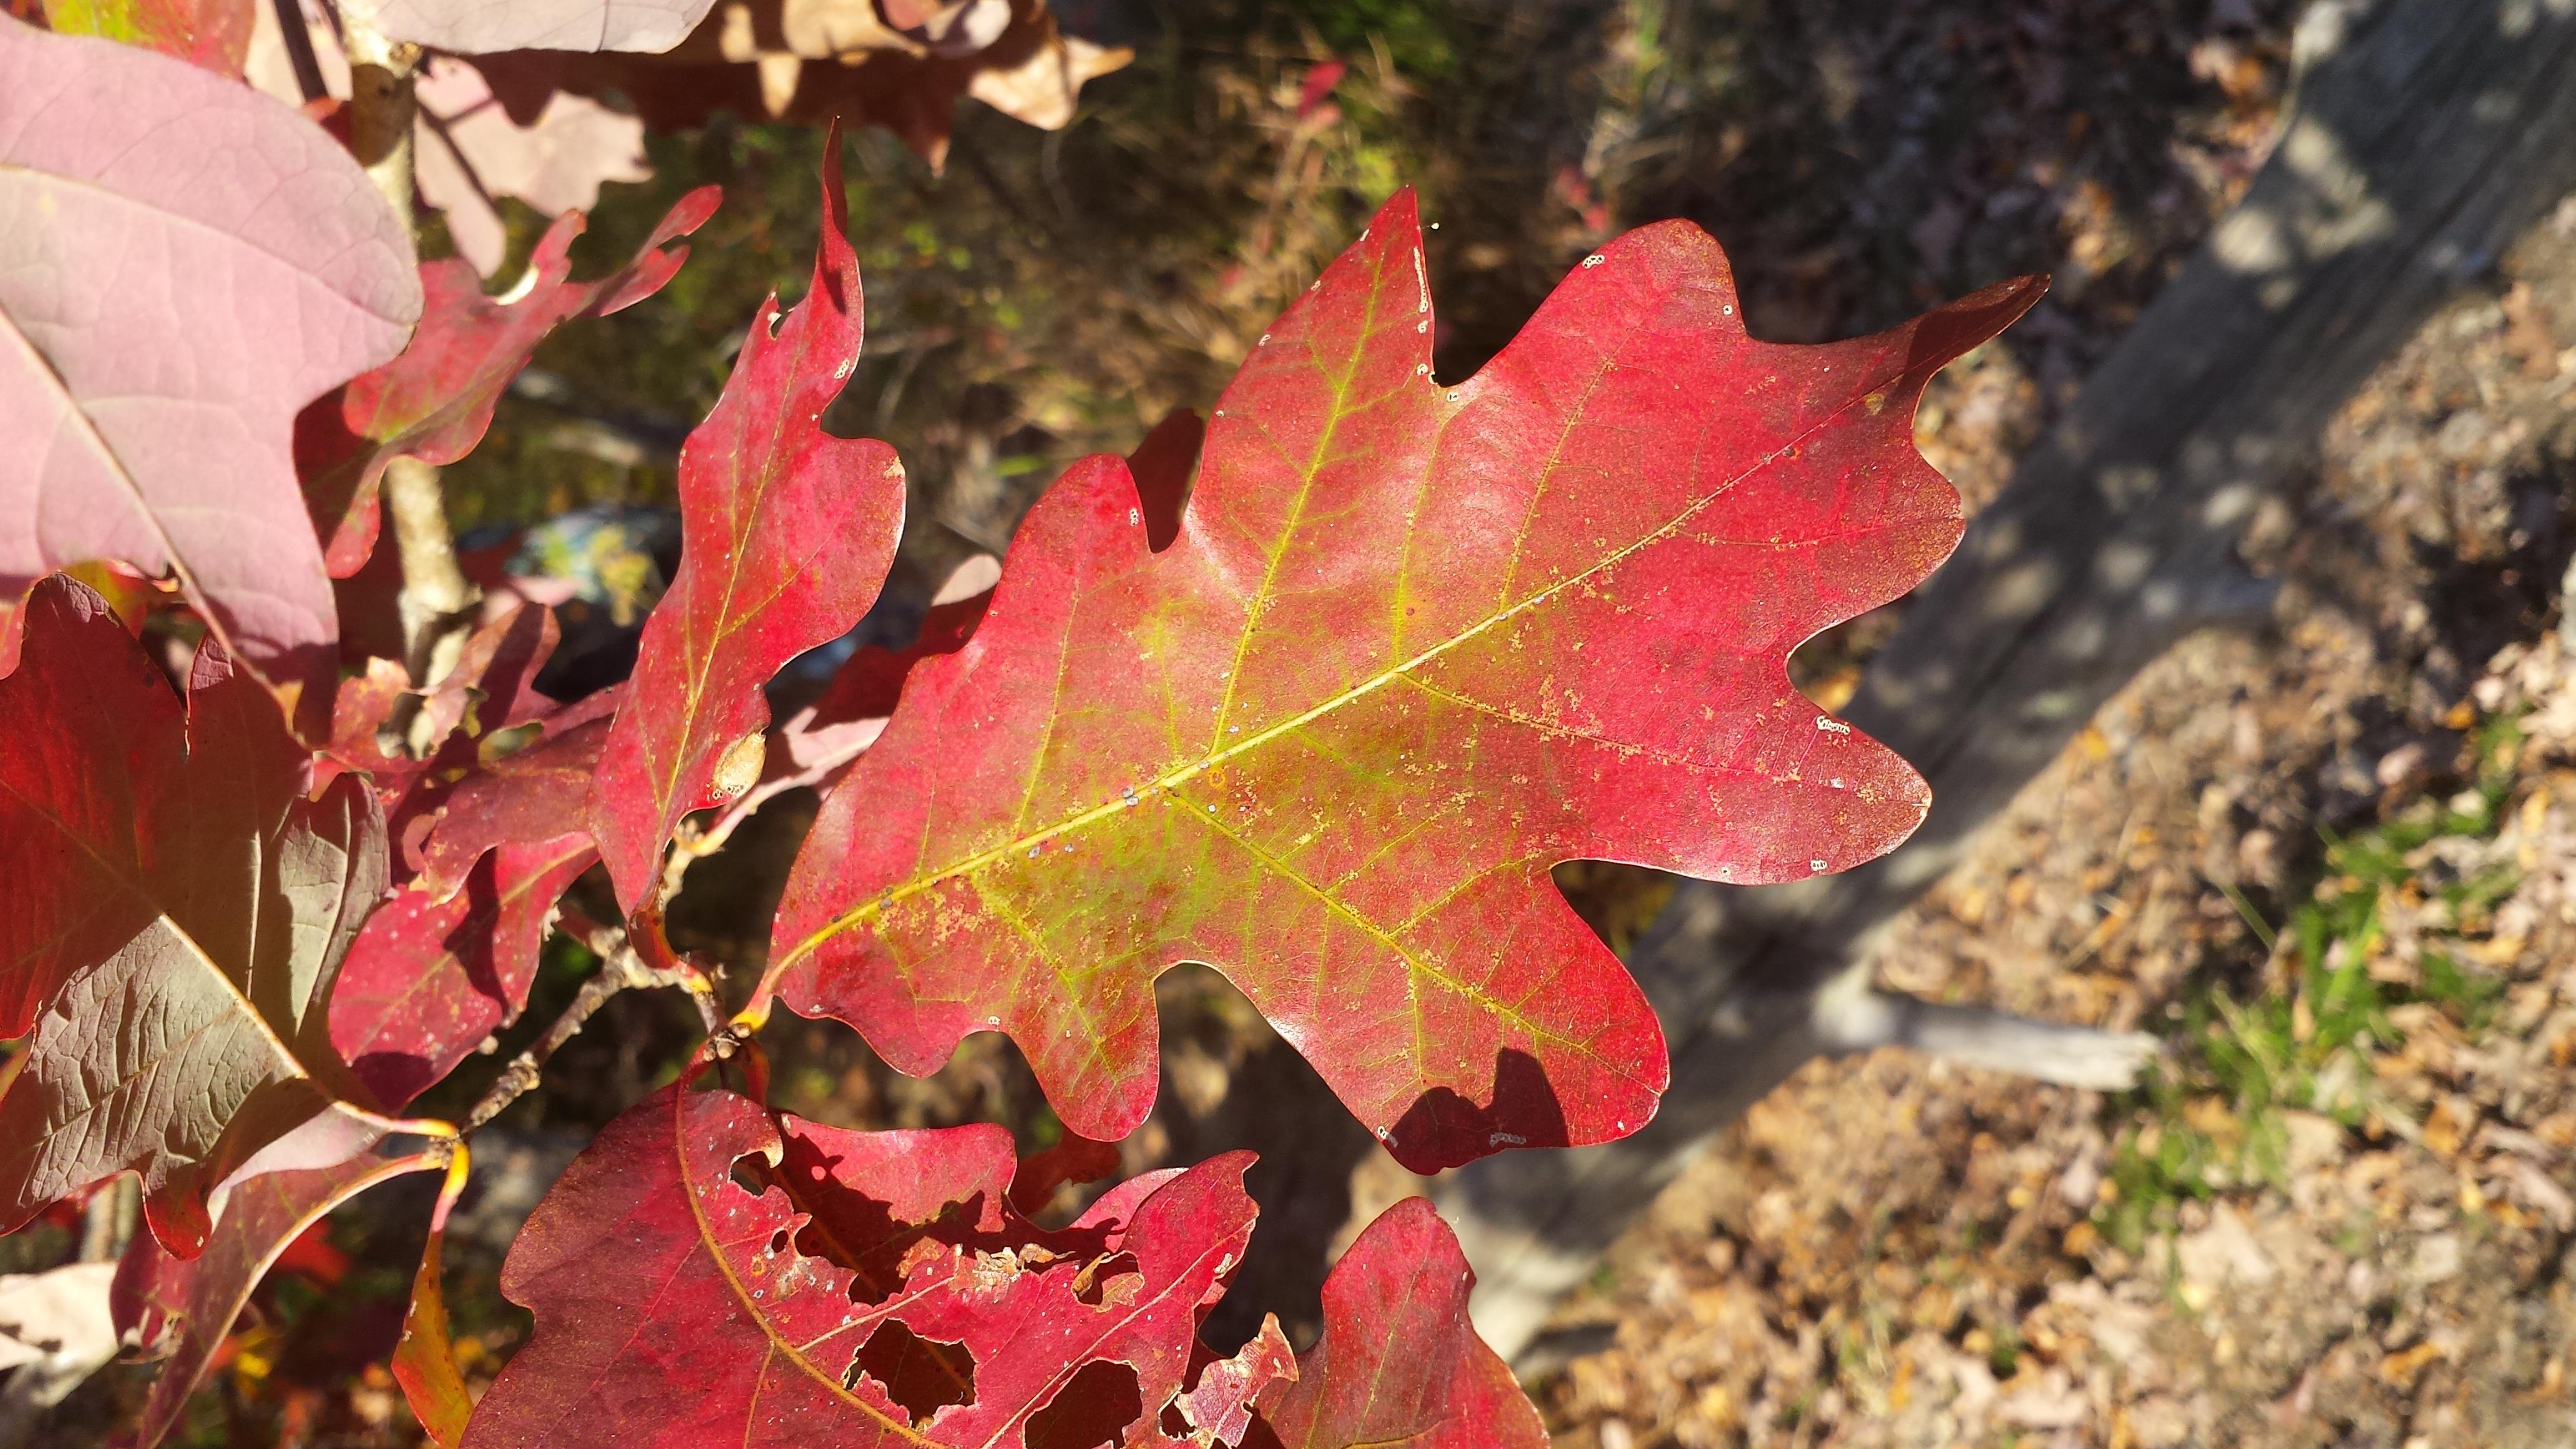 oak leaf in fall